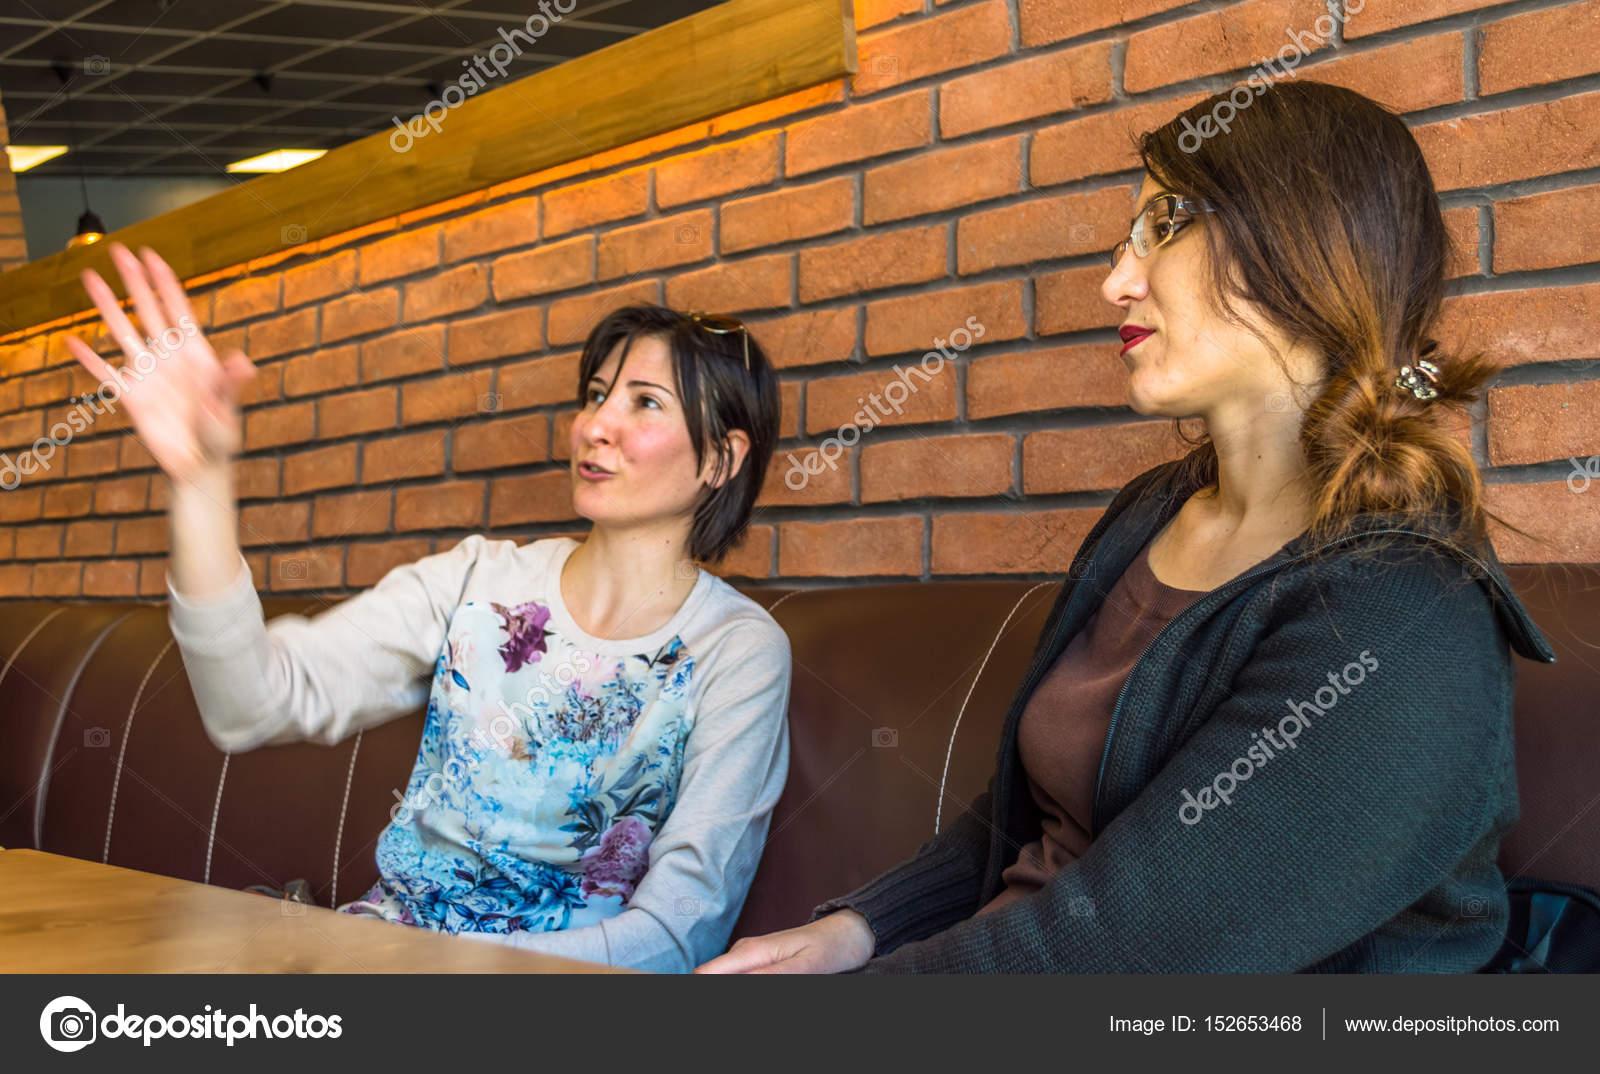 Αποτέλεσμα εικόνας για φωτογραφίες γυναίκες σε καφενείο